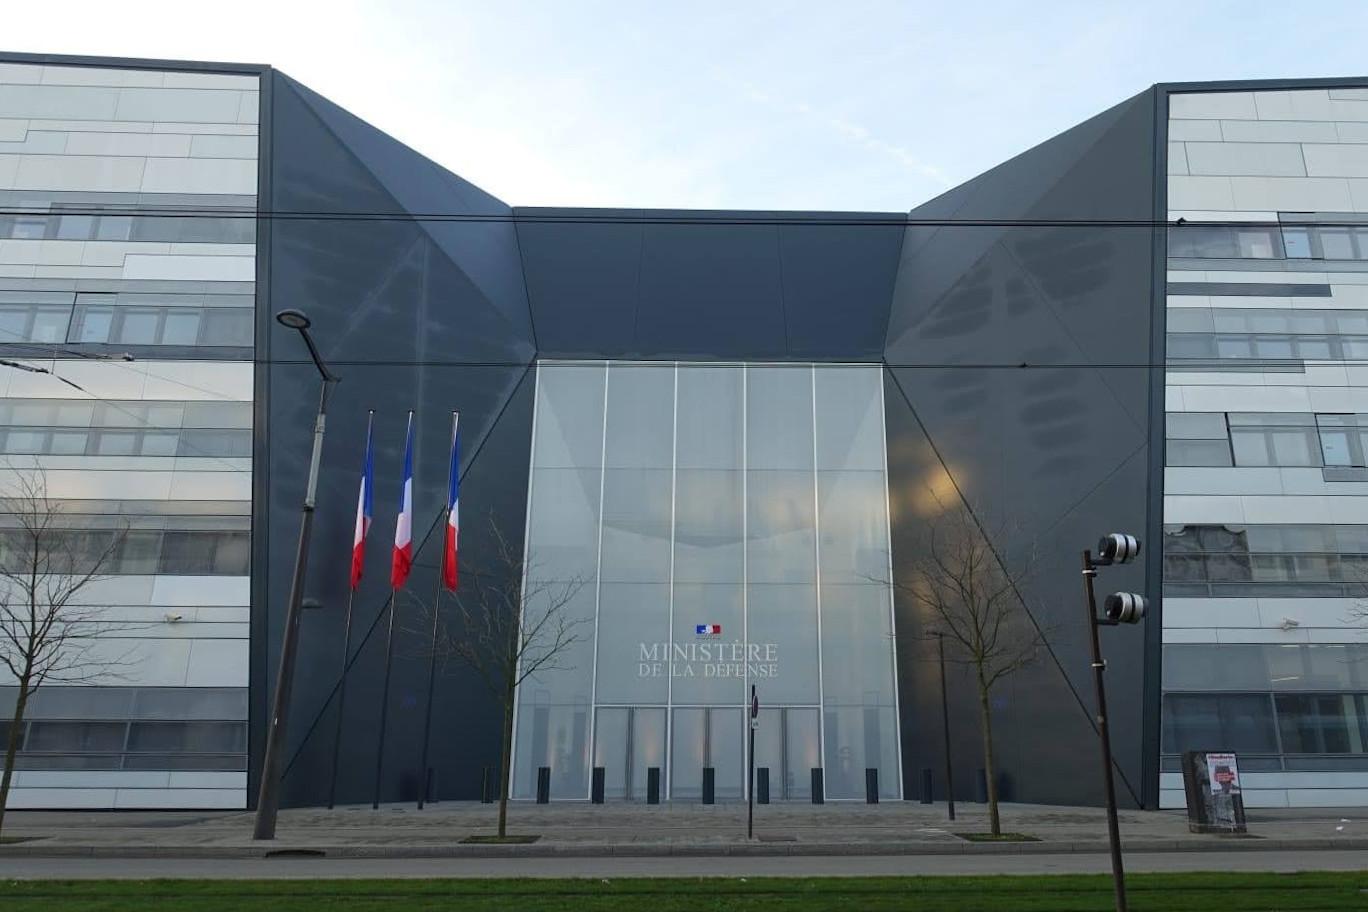 Protocole Six'C présenté au Ministère de la défense